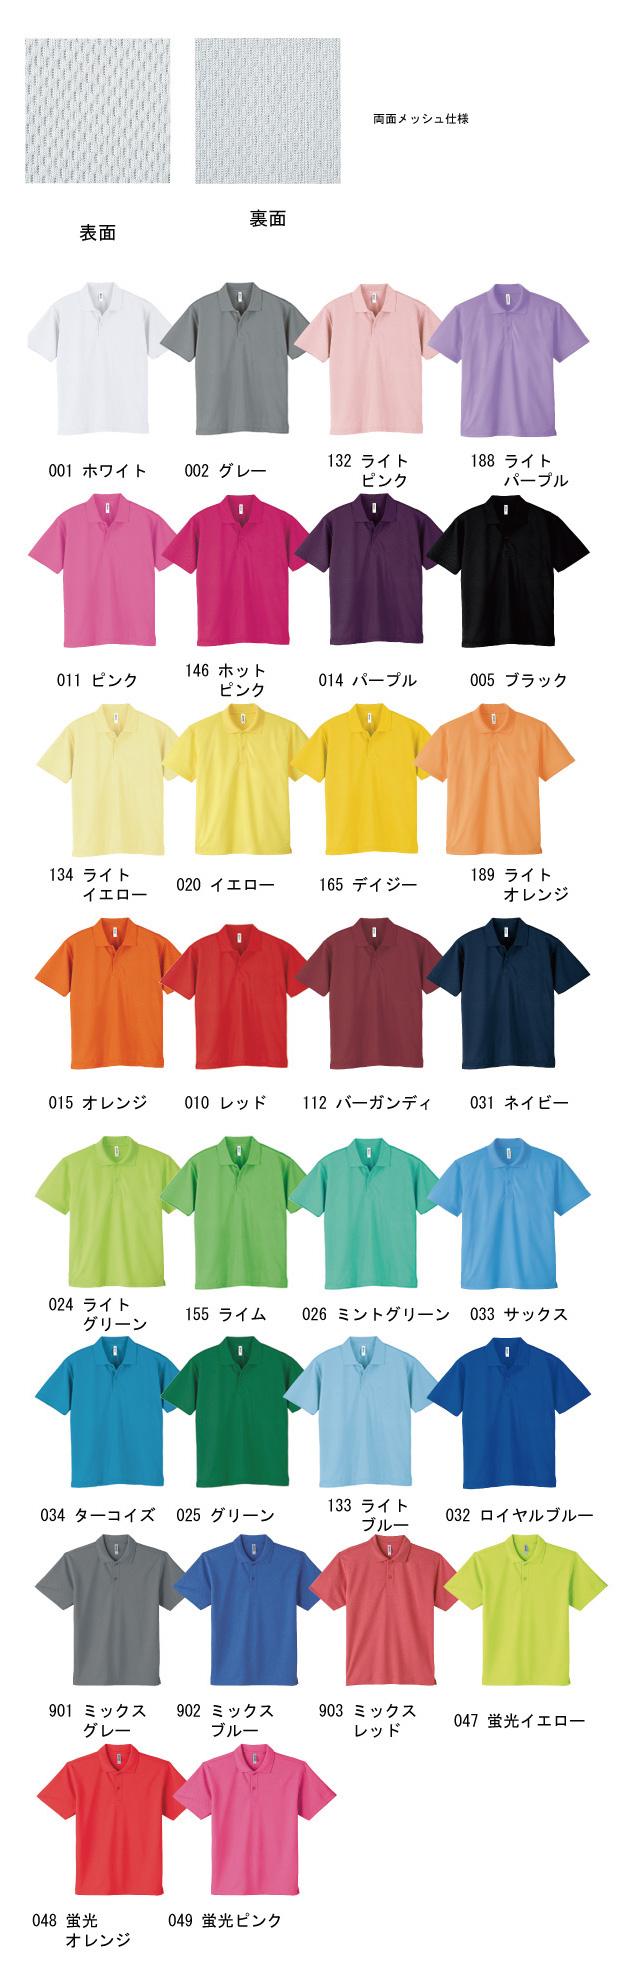 オリプリ コミコミ20000 ドライポロシャツ(ADP) カラー